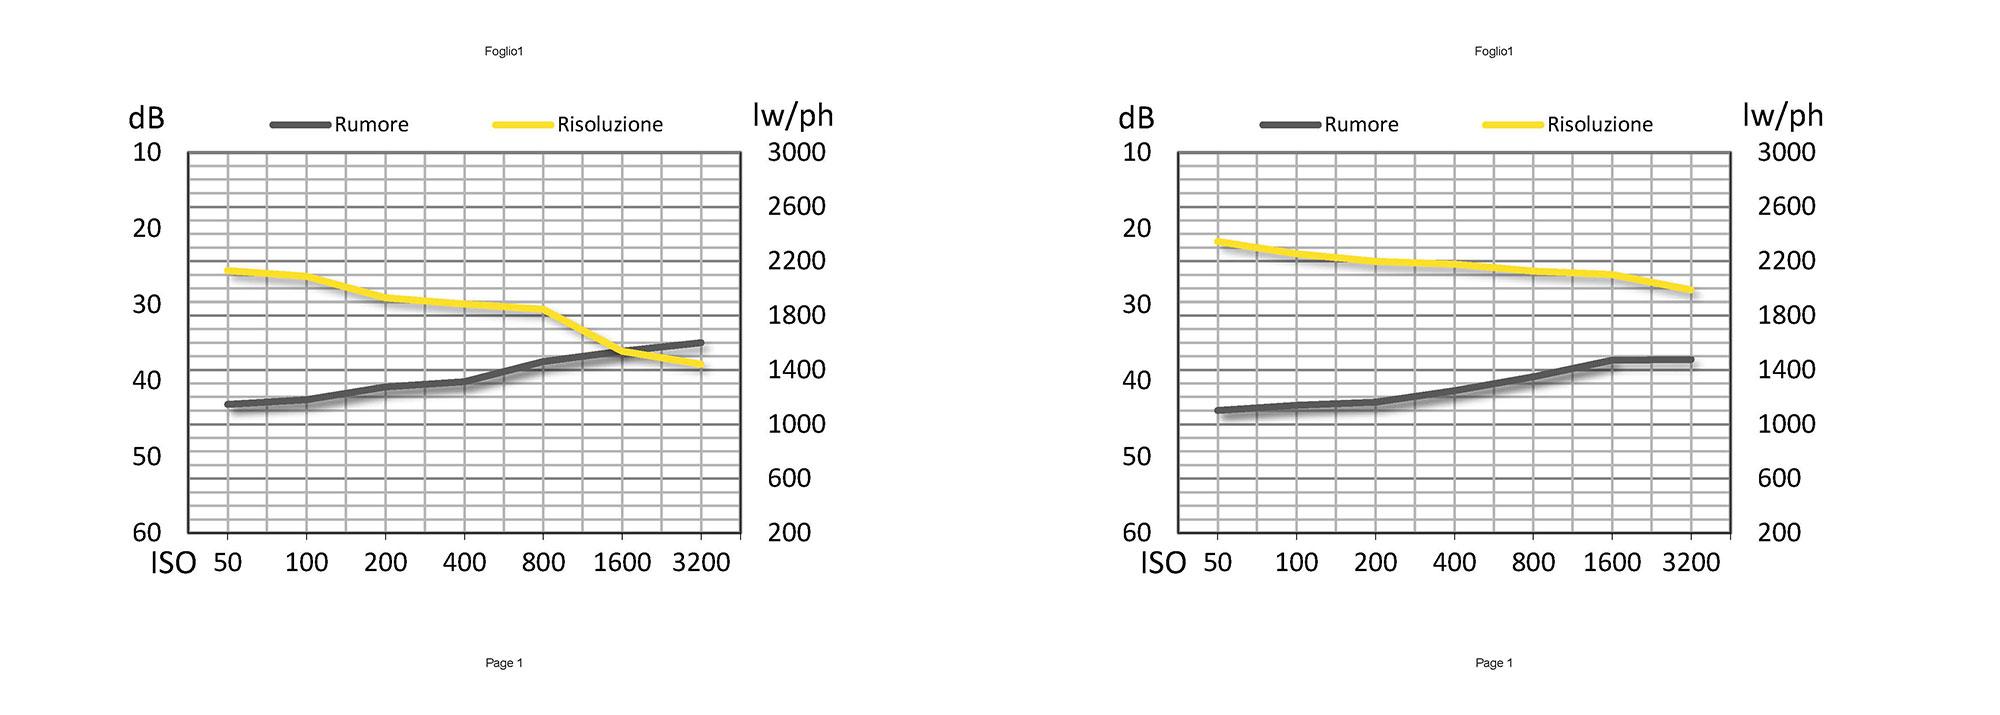 Risoluzione e rumore del sensore a colori e del sensore monocromatico